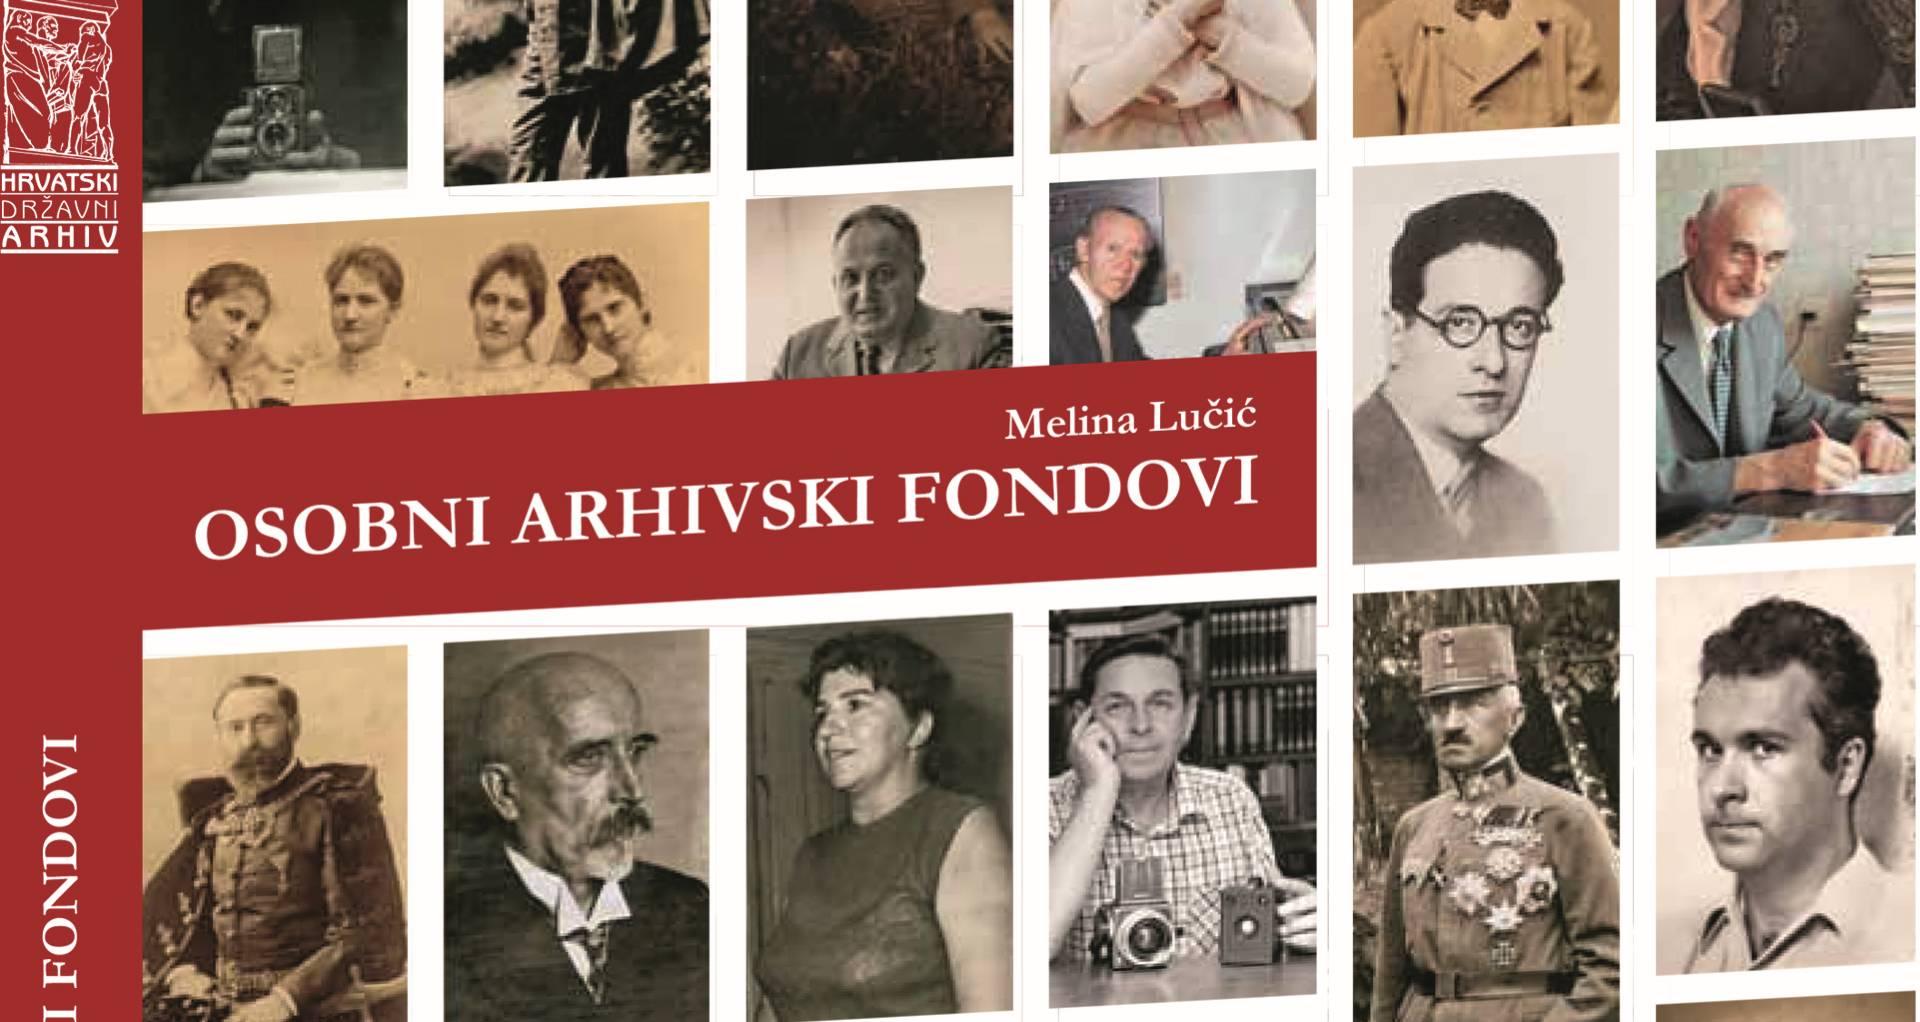 EKSKLUZIVNO U NACIONALU: FELJTON Skriveno blago osobnih arhiva hrvatskih velikana